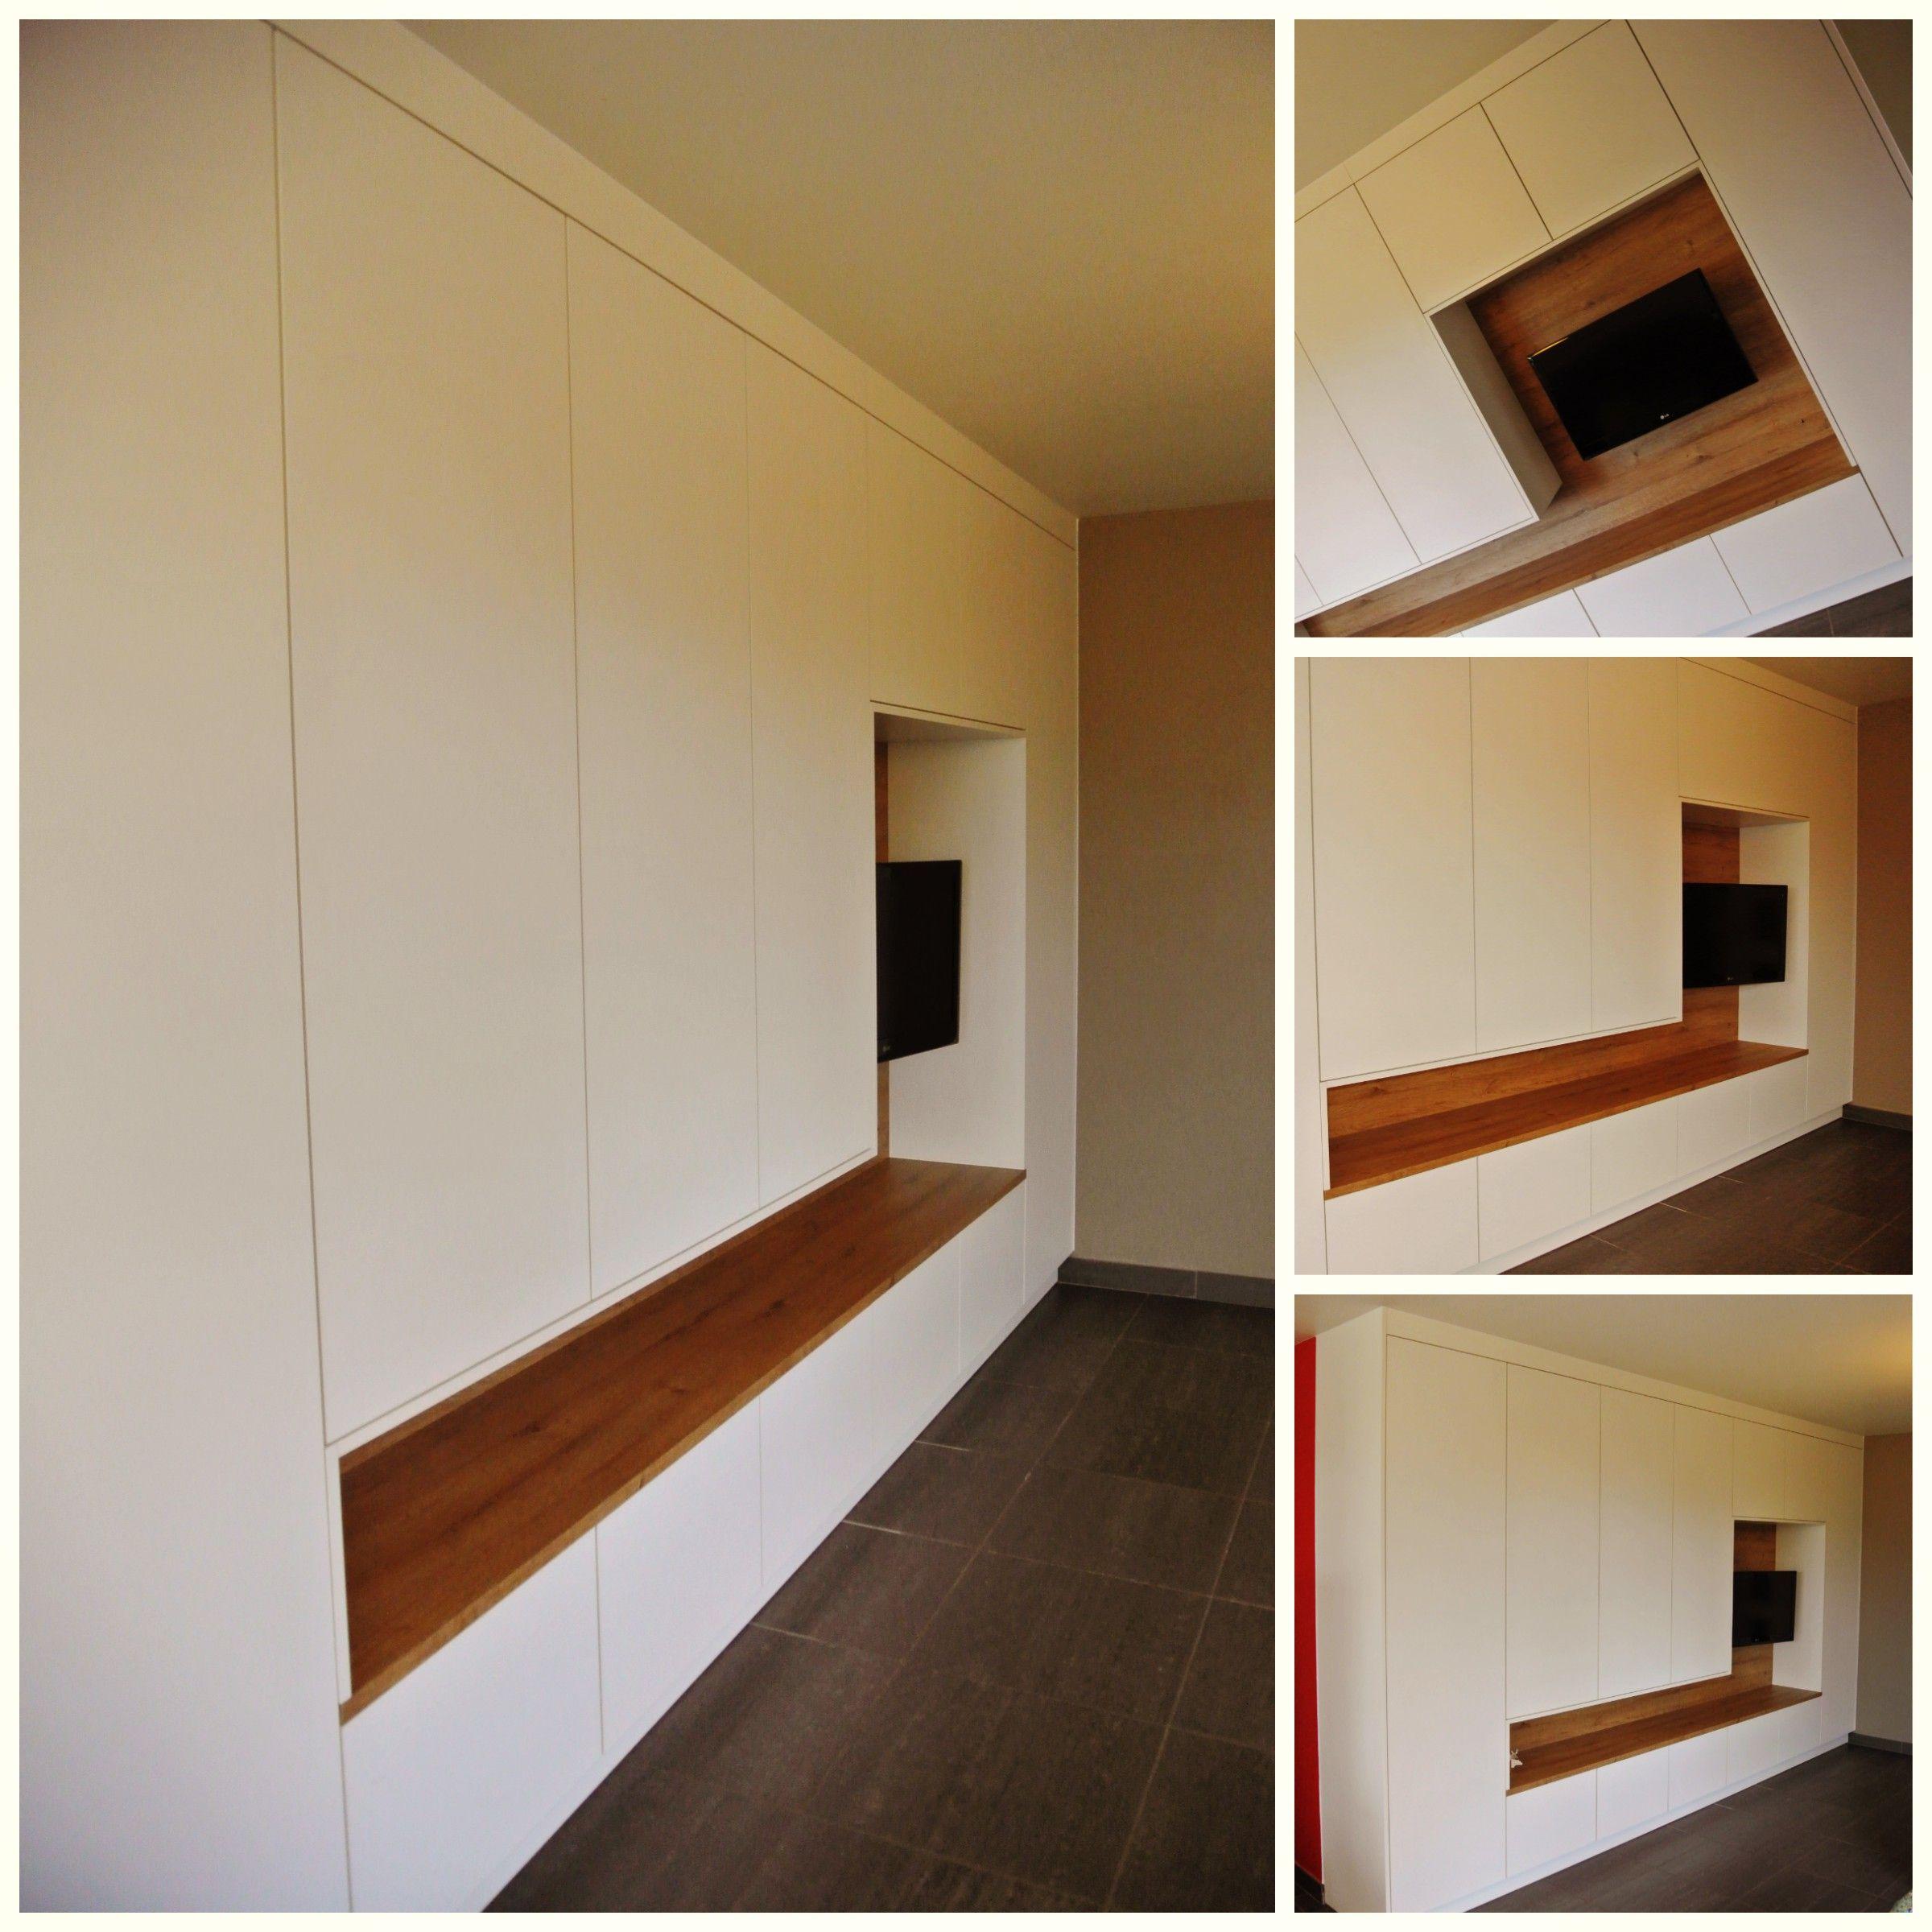 Inbouwkast tv open schappen afwerken met hout mdf for Vijverrand afwerken met hout